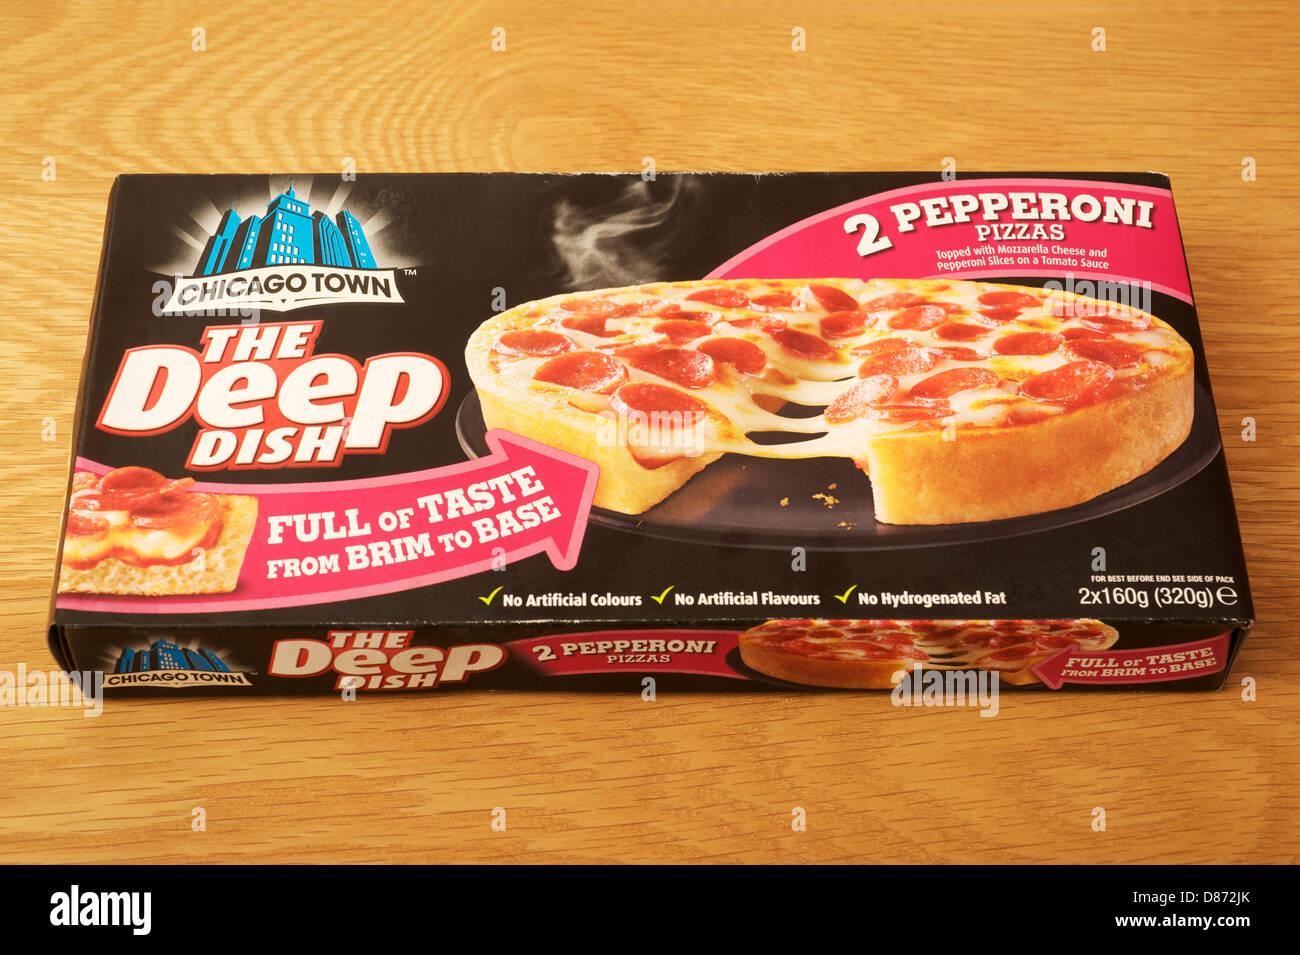 Chicago Town Pizzas Stock Photo 56704107 Alamy